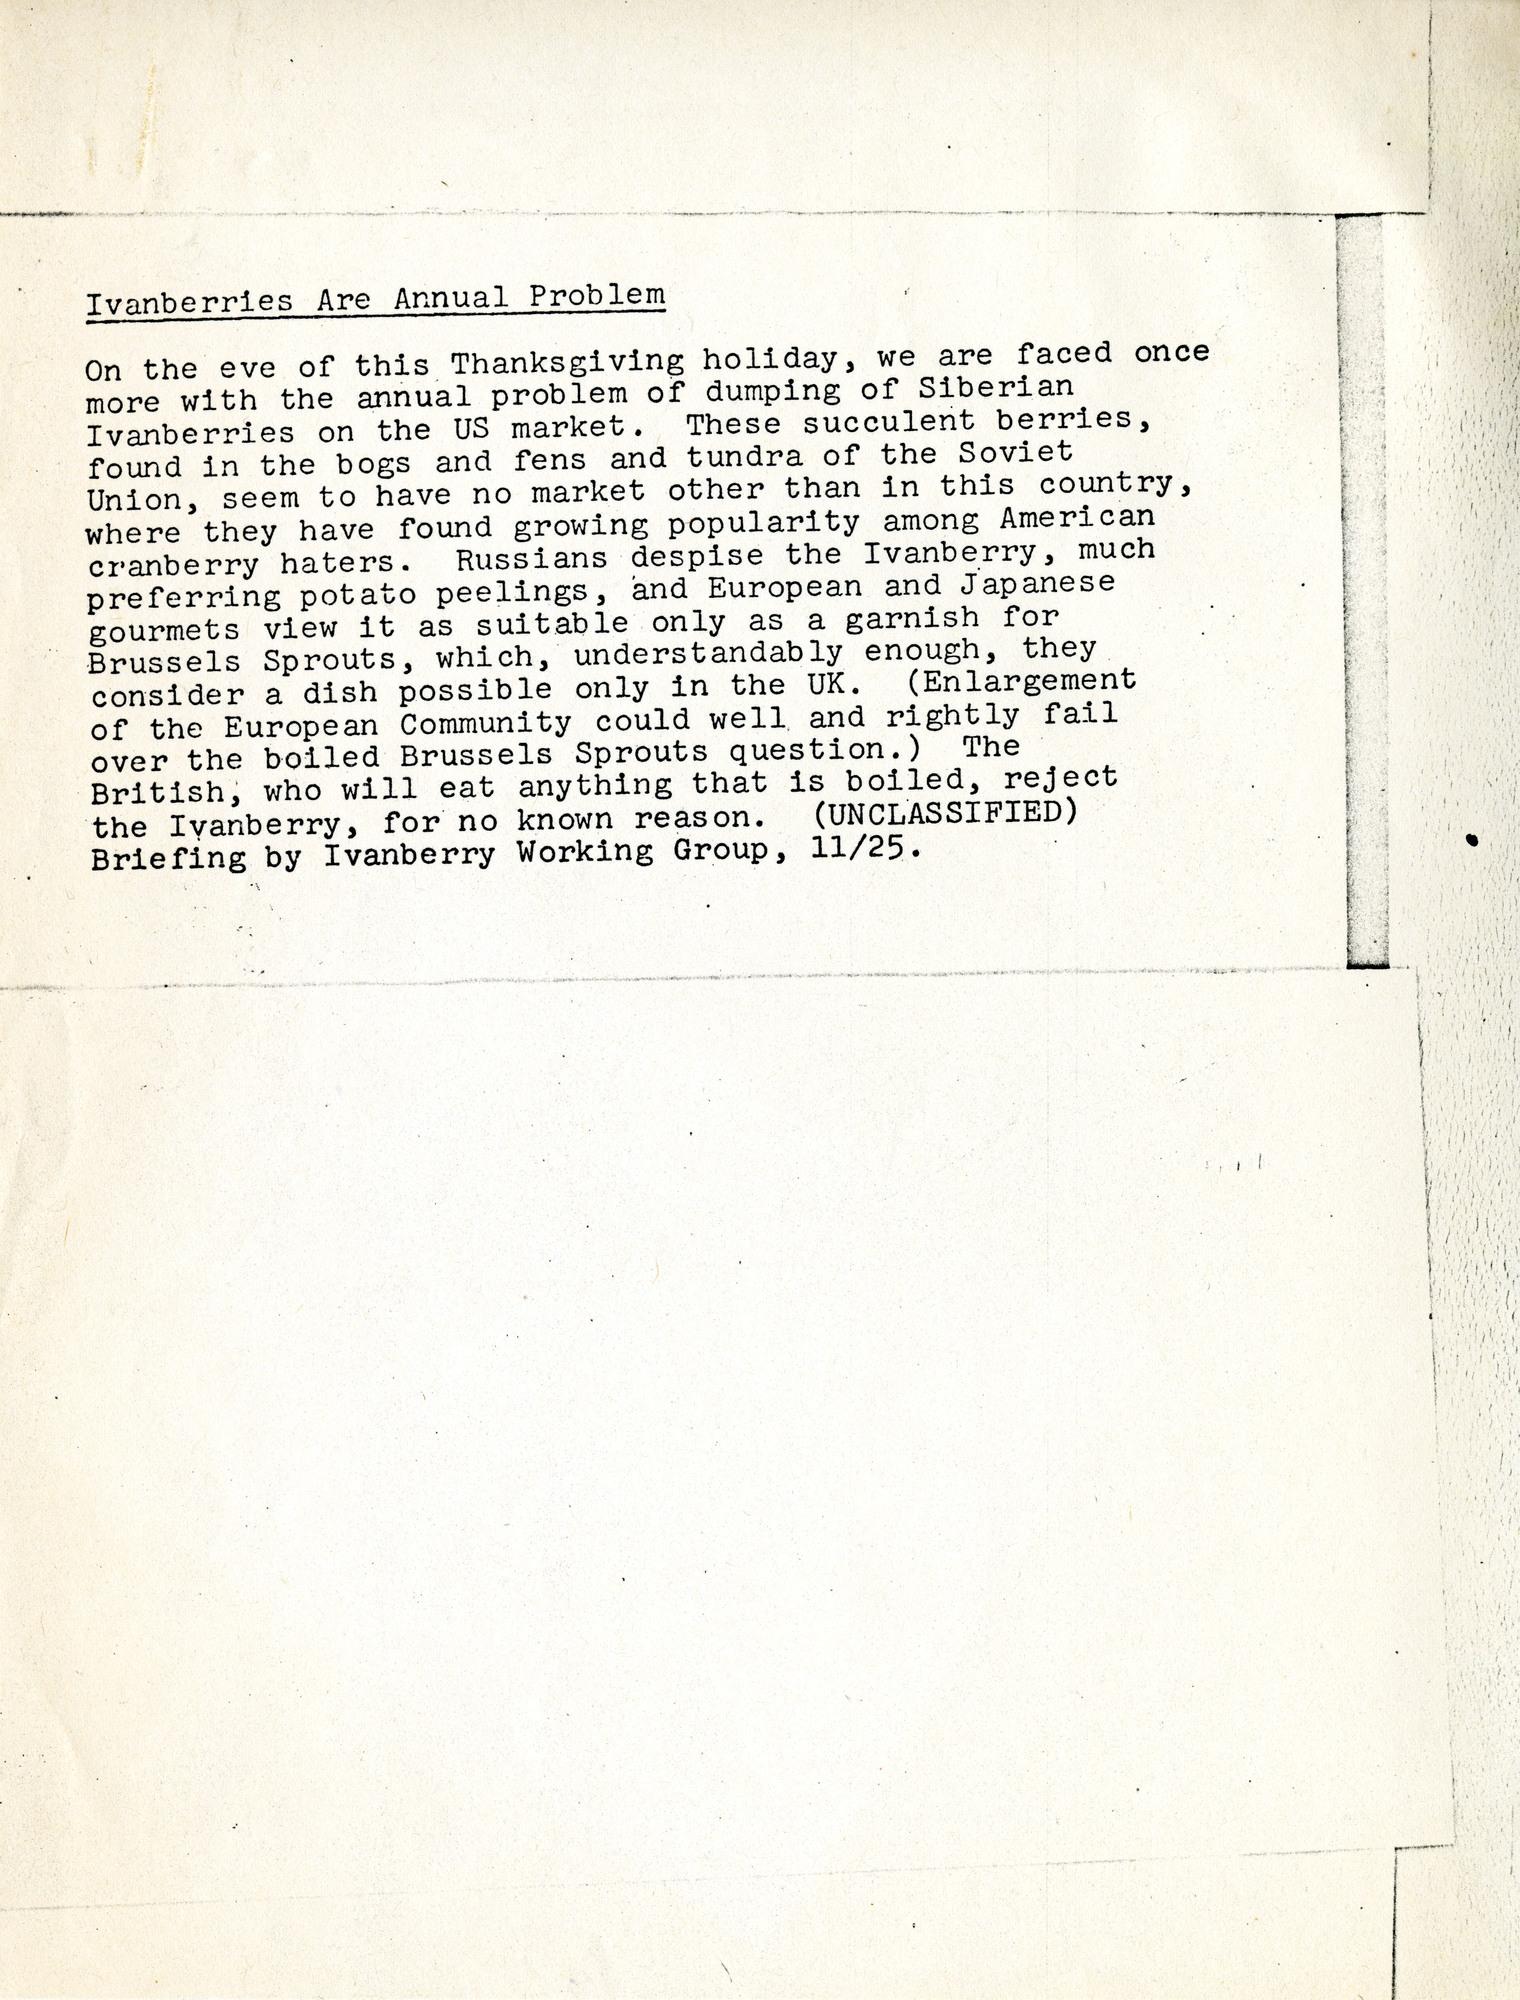 http://spec.lib.vt.edu/pickup/Omeka_upload/Ms1989-029_B18_F1_MichaelCollins_Report_1970_1125.jpg